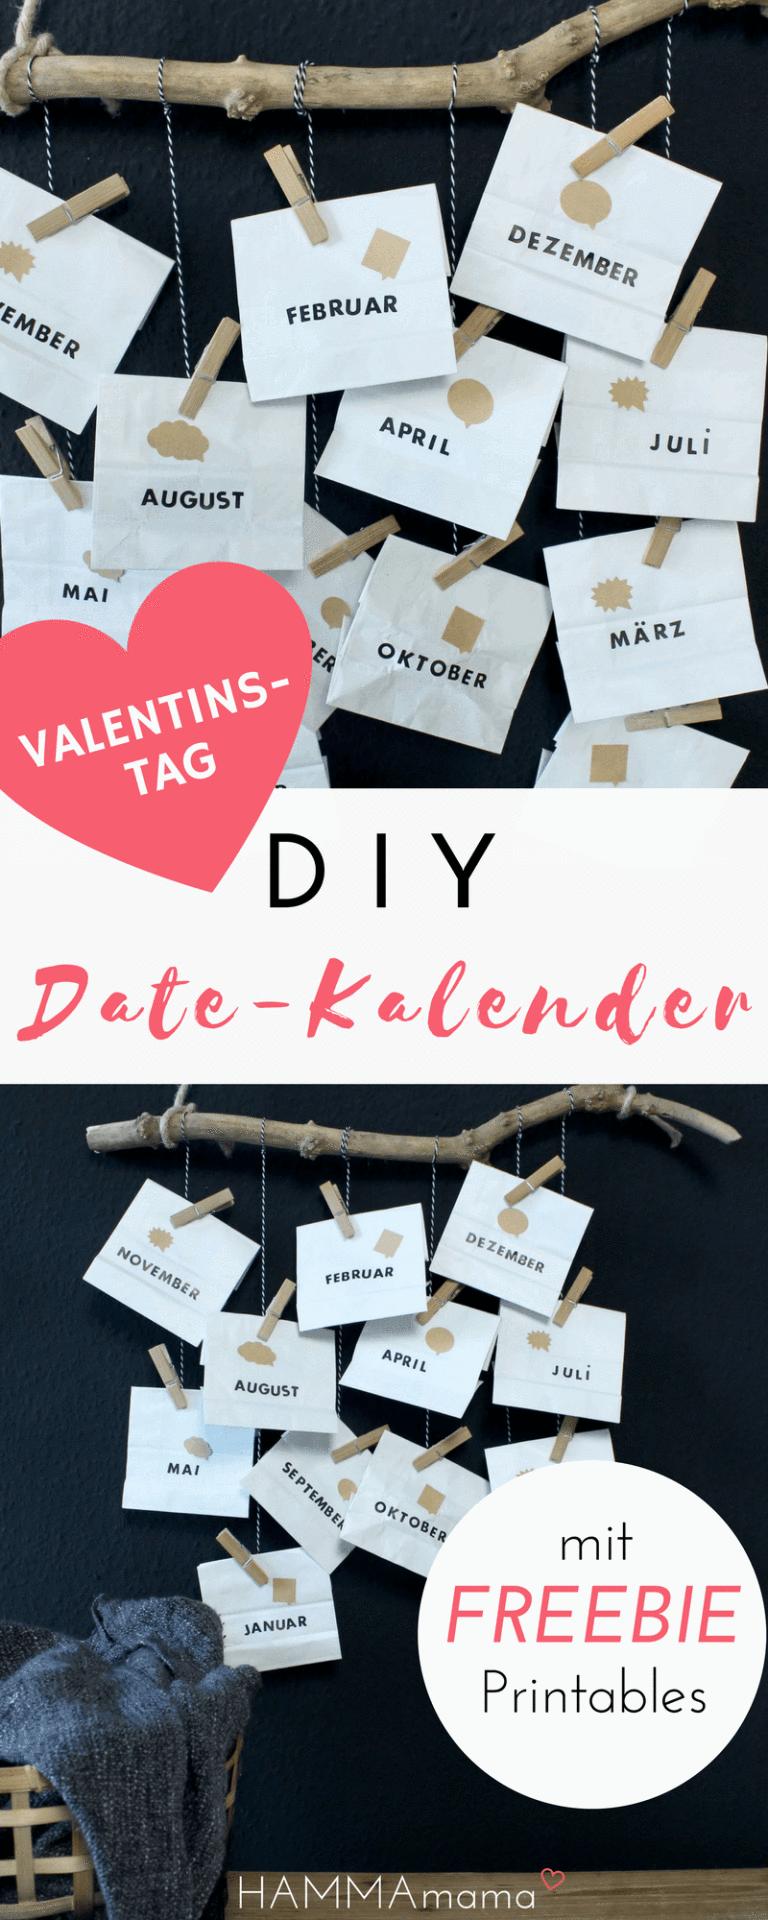 Diy Zum Valentinstag Mit Freebie Date Kalender Selber Machen